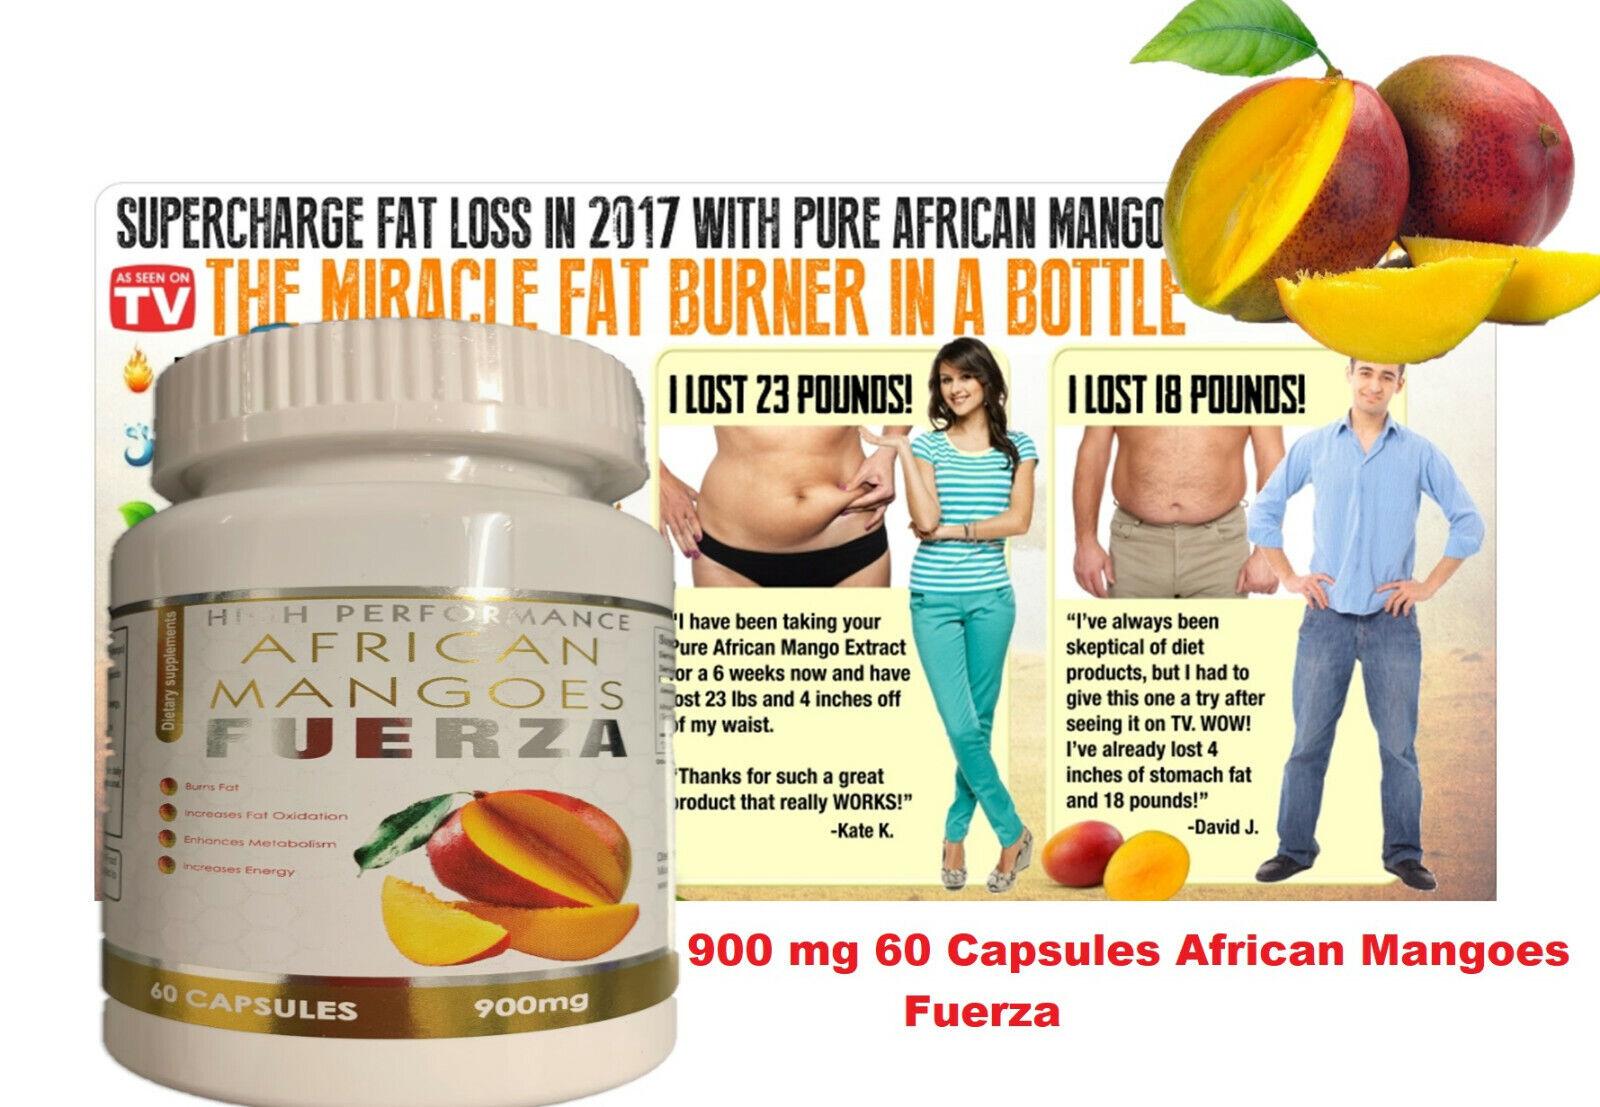 Pastillas para el control de peso y apetito quemadoras de grasa abdominal kit  6